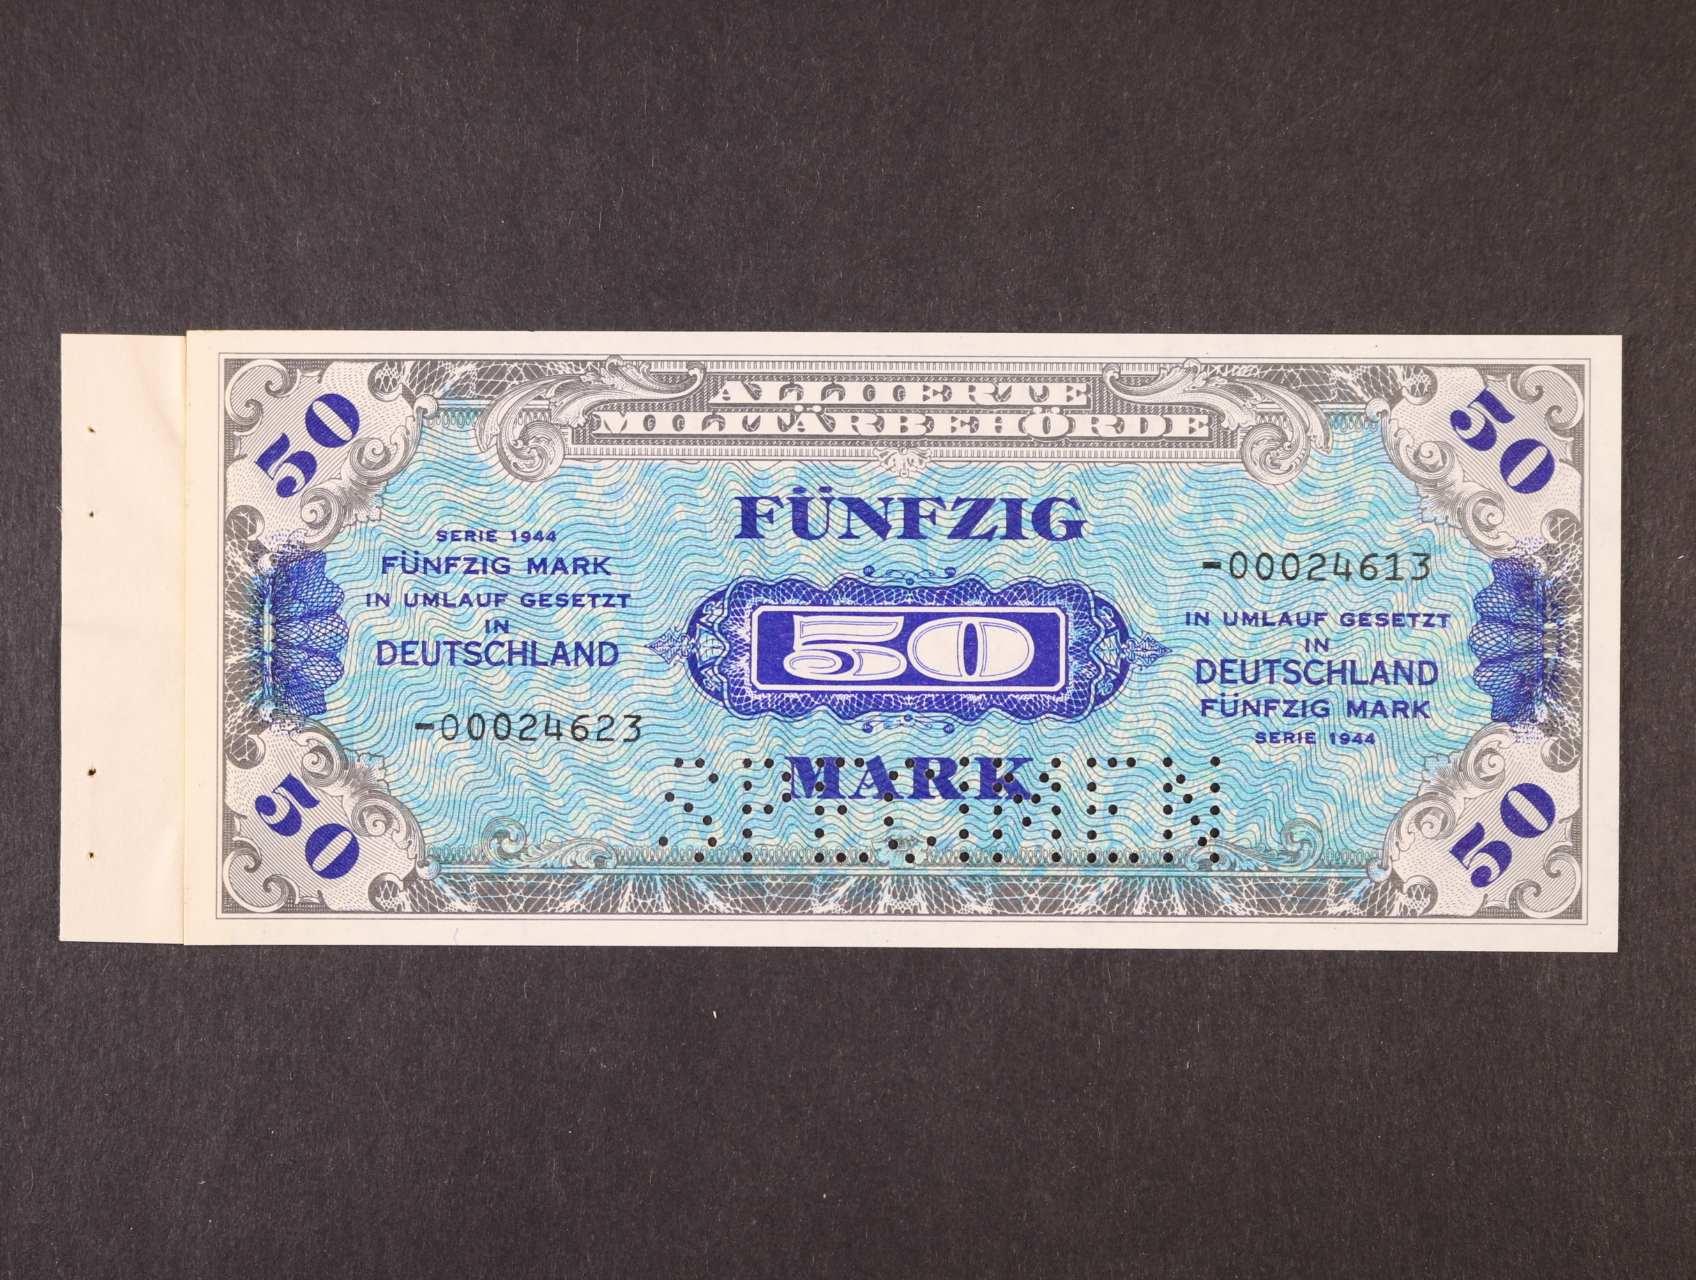 Allierte, 50 Mark 1944 8-mi místný číslovč, tisk USA, perforace SPECIMEN, přilepeno na papíře ze vzorového sešitku, platná na ČS území, Ro. 205b, Ba. AM6b